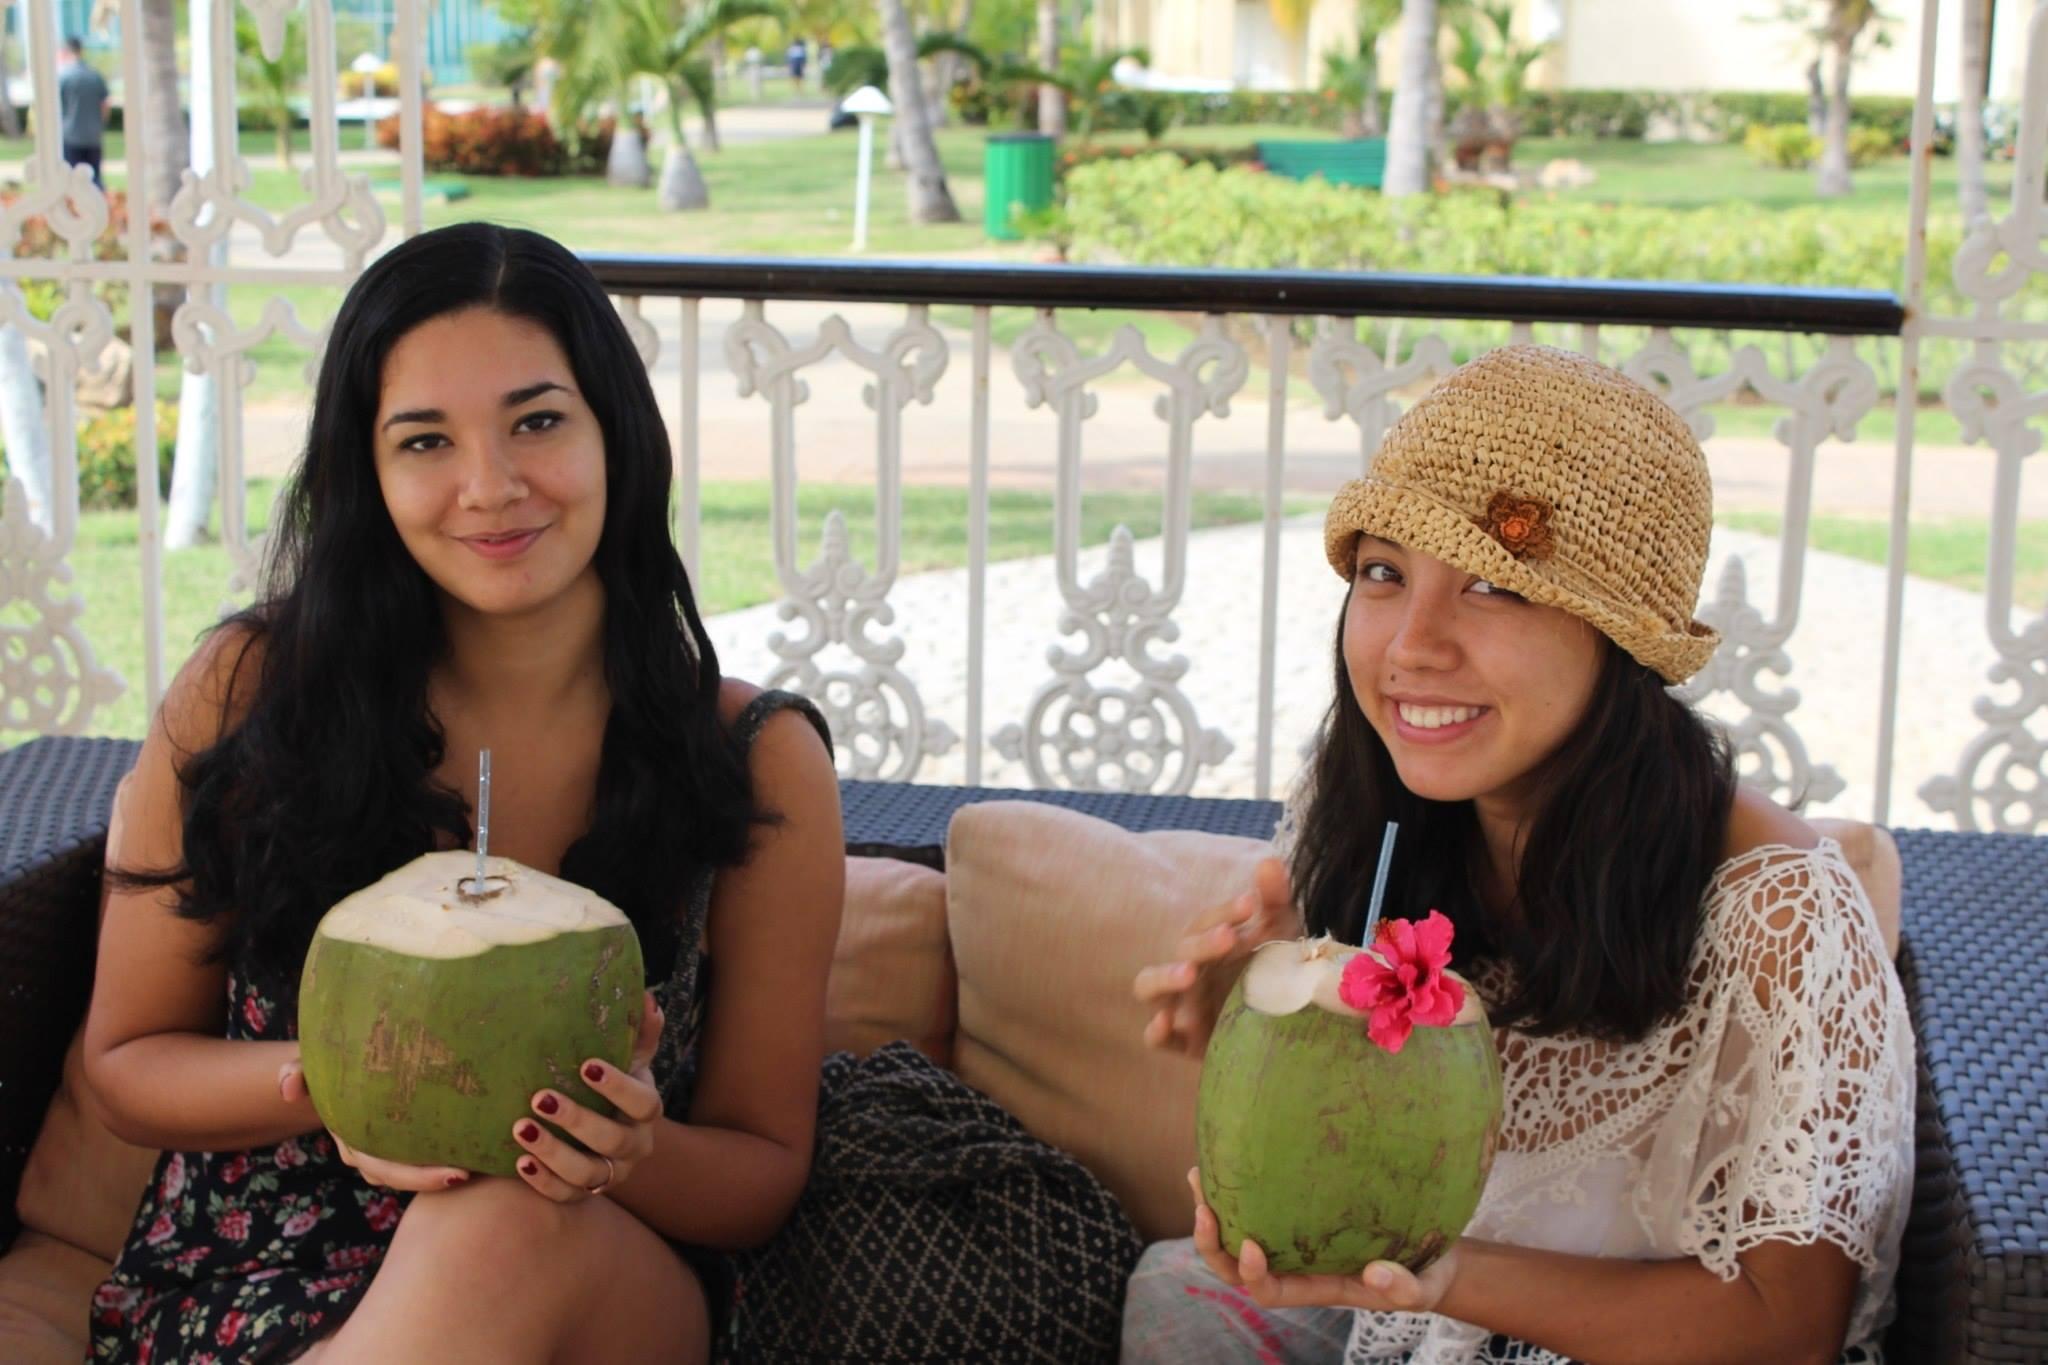 Juna Drougas '16 and Xara Tan '16 relaxing in Cuba Photo courtesy J. Drougas